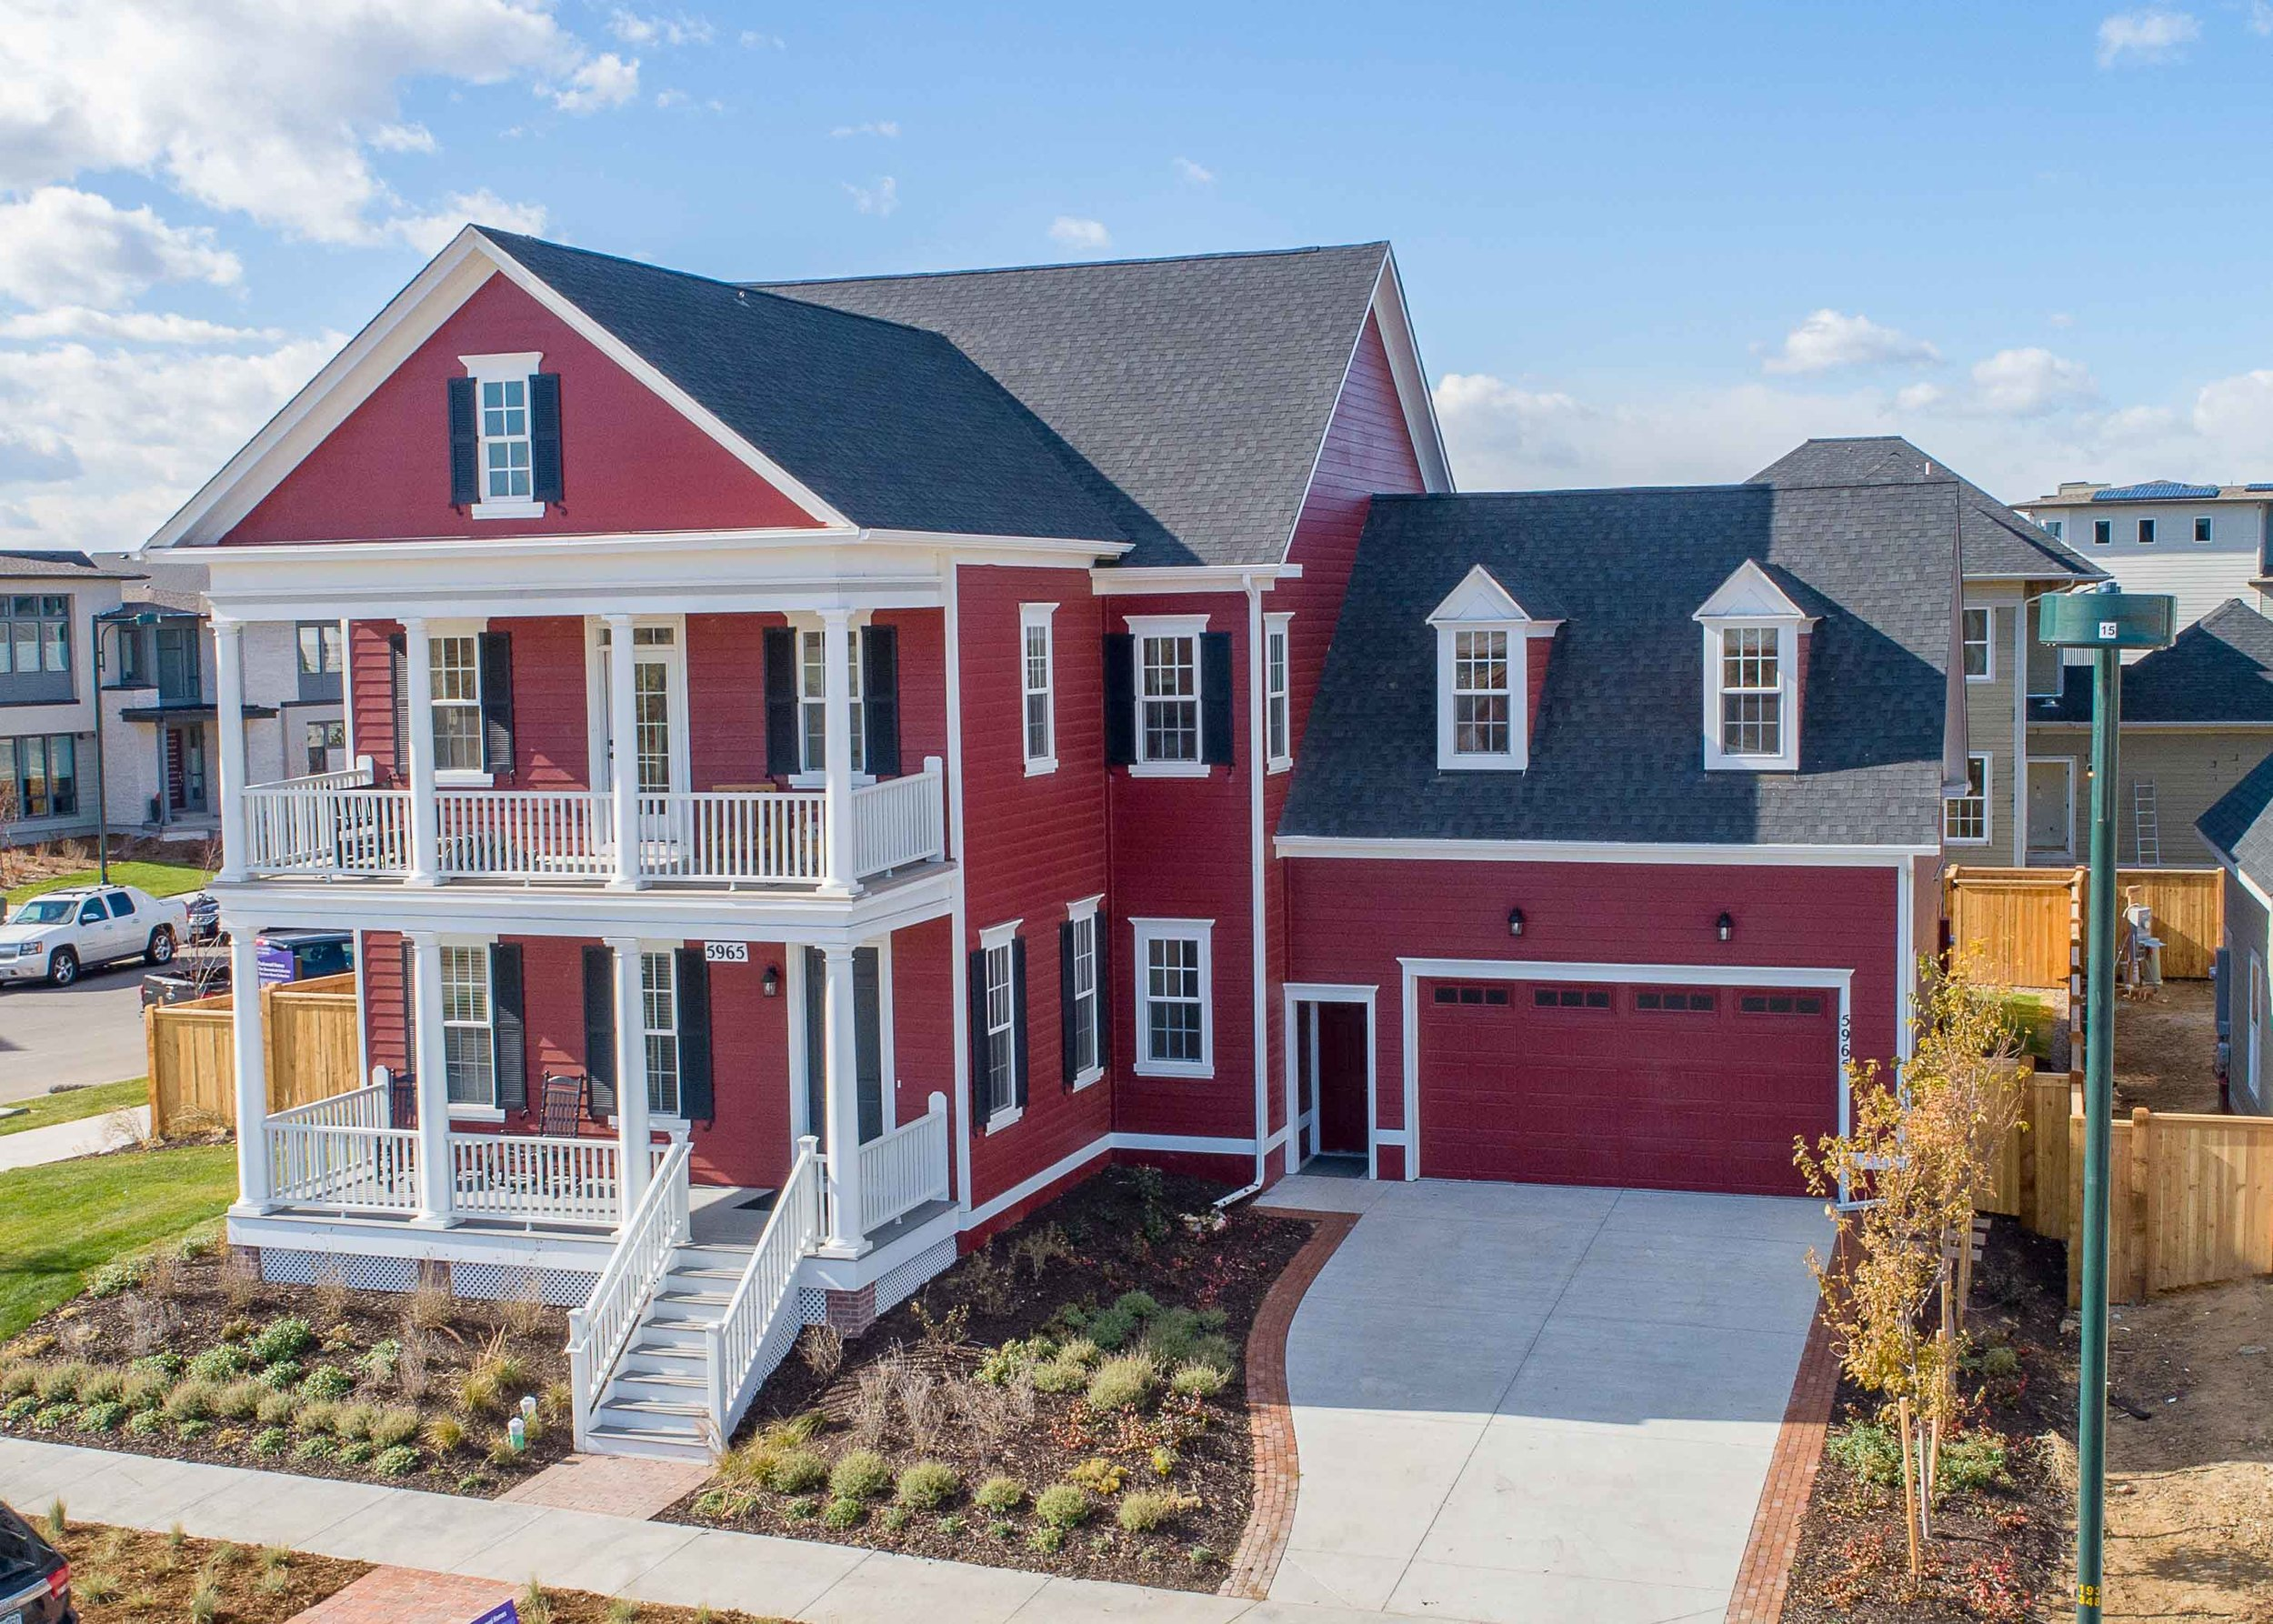 The Asheville Model Home in Stapleton